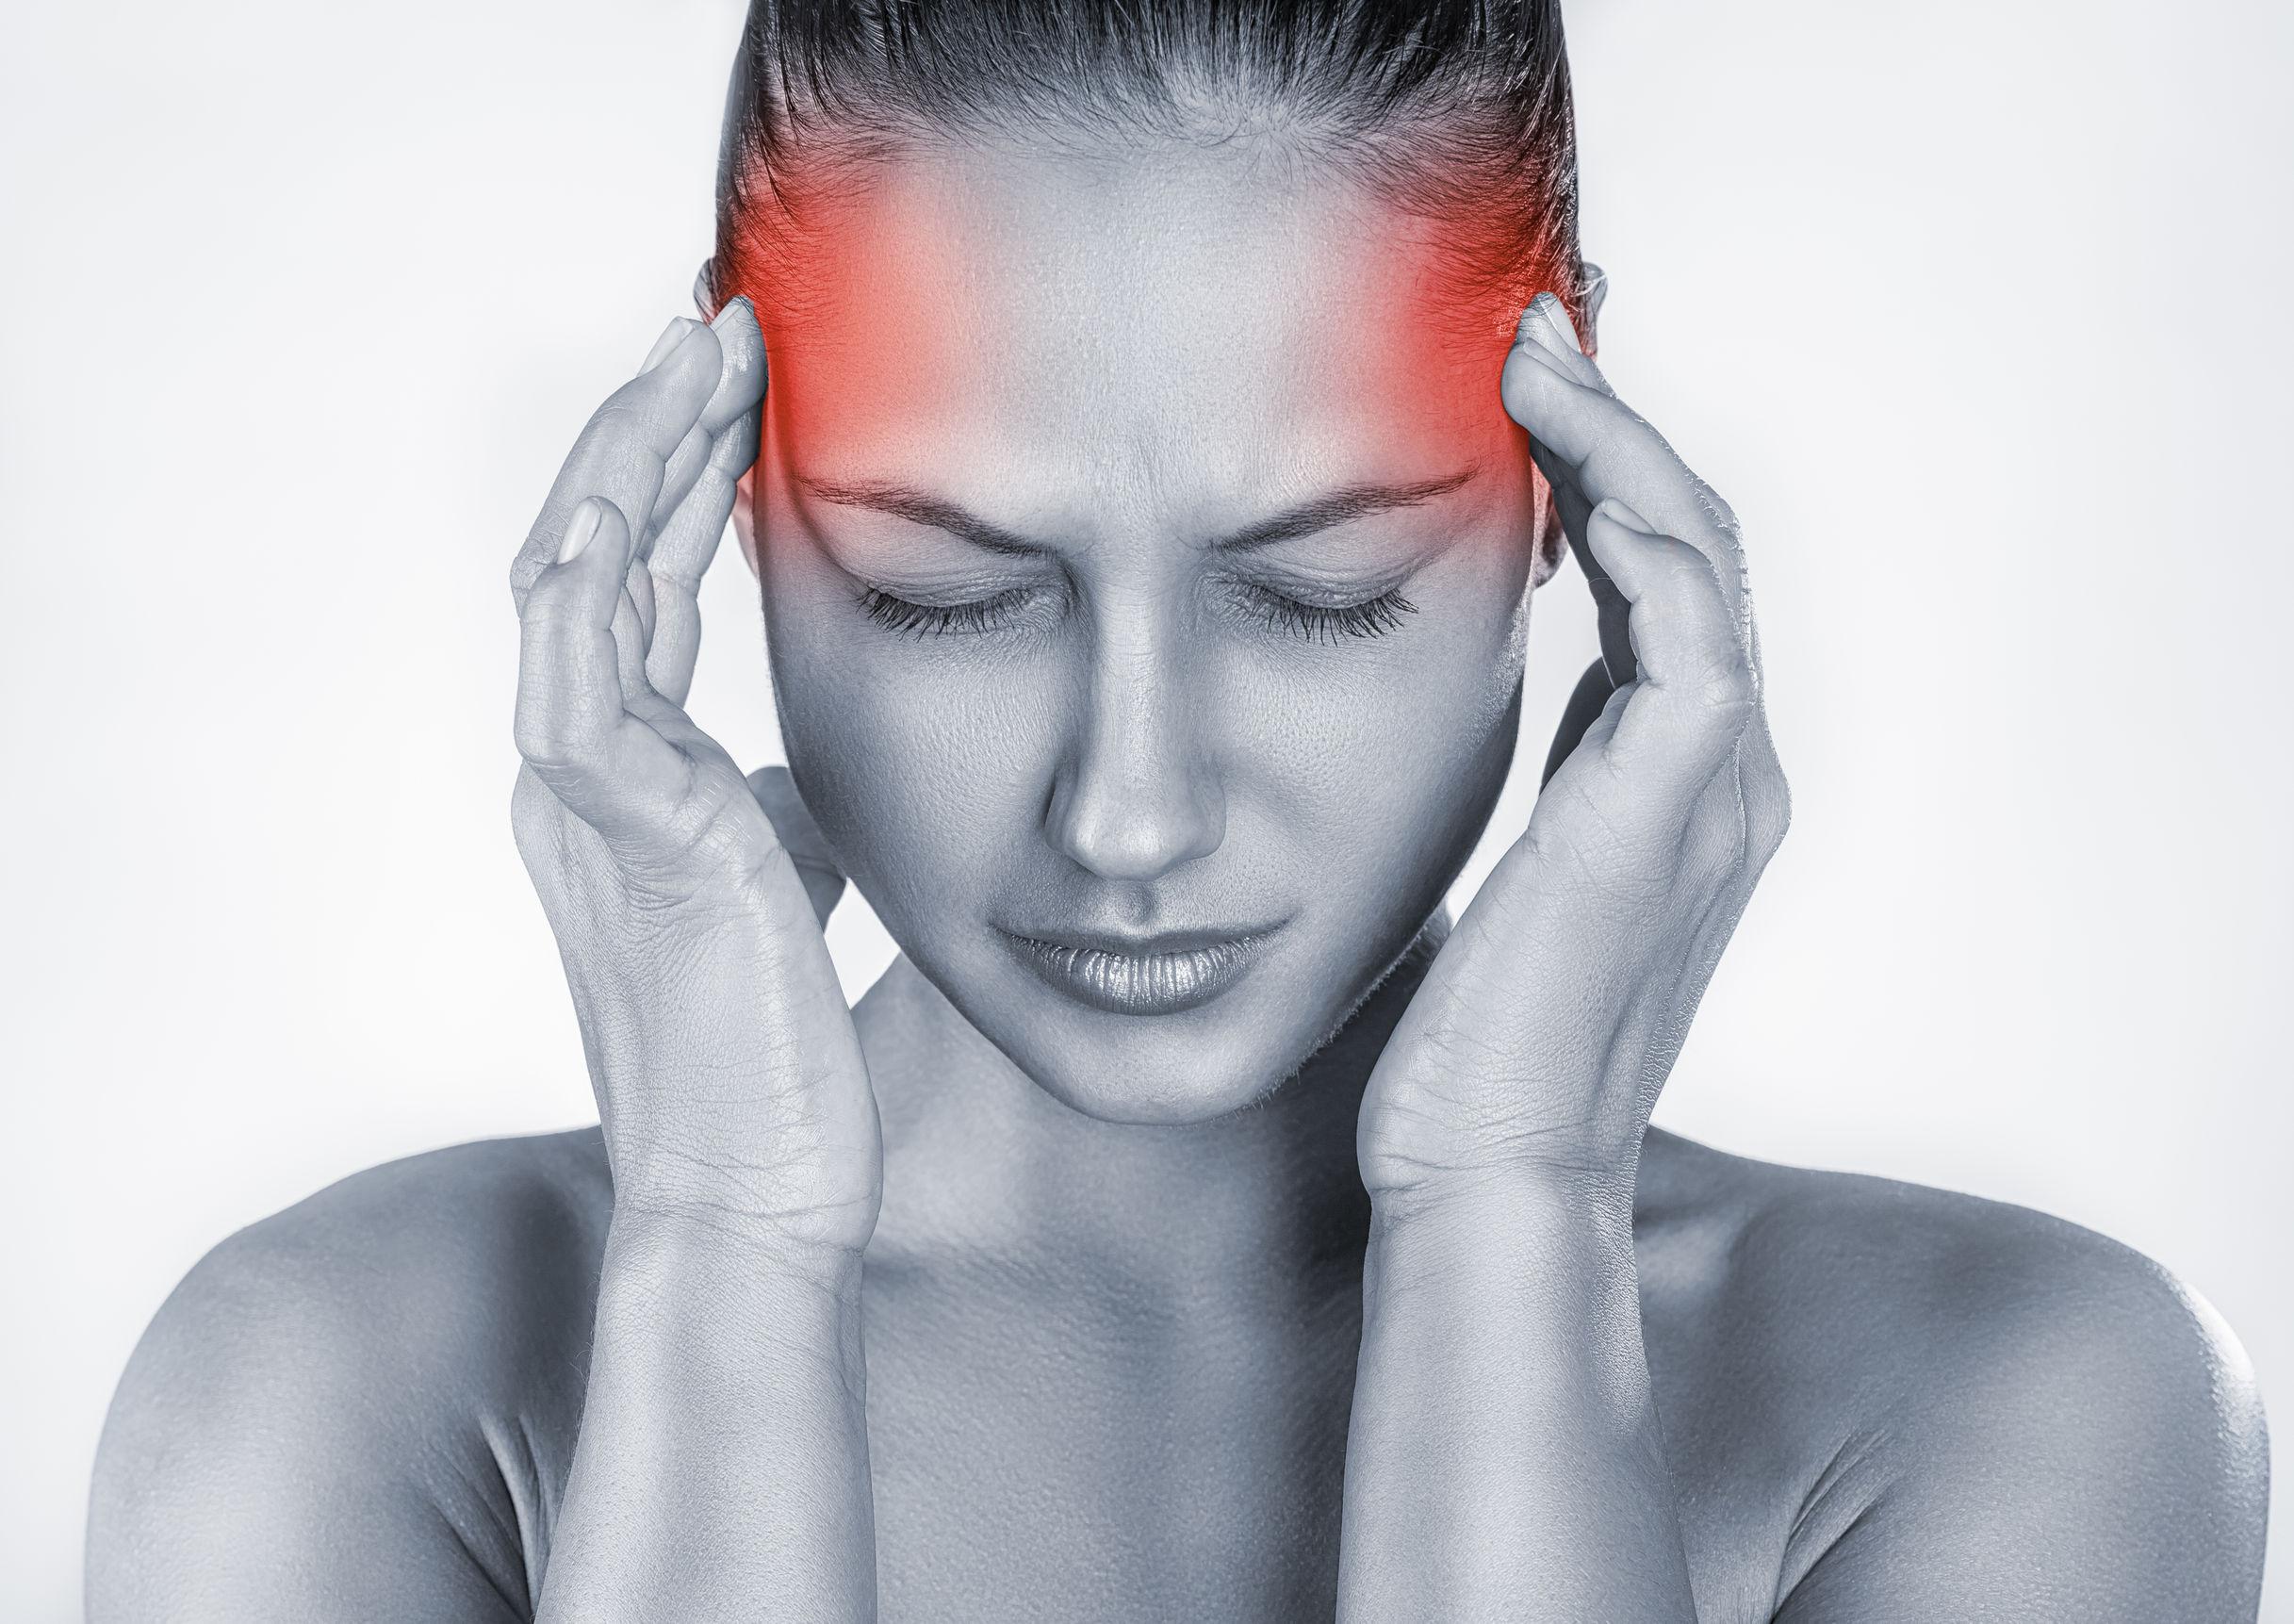 лояльные условия картинки с болью в голове часто пациенты хотят